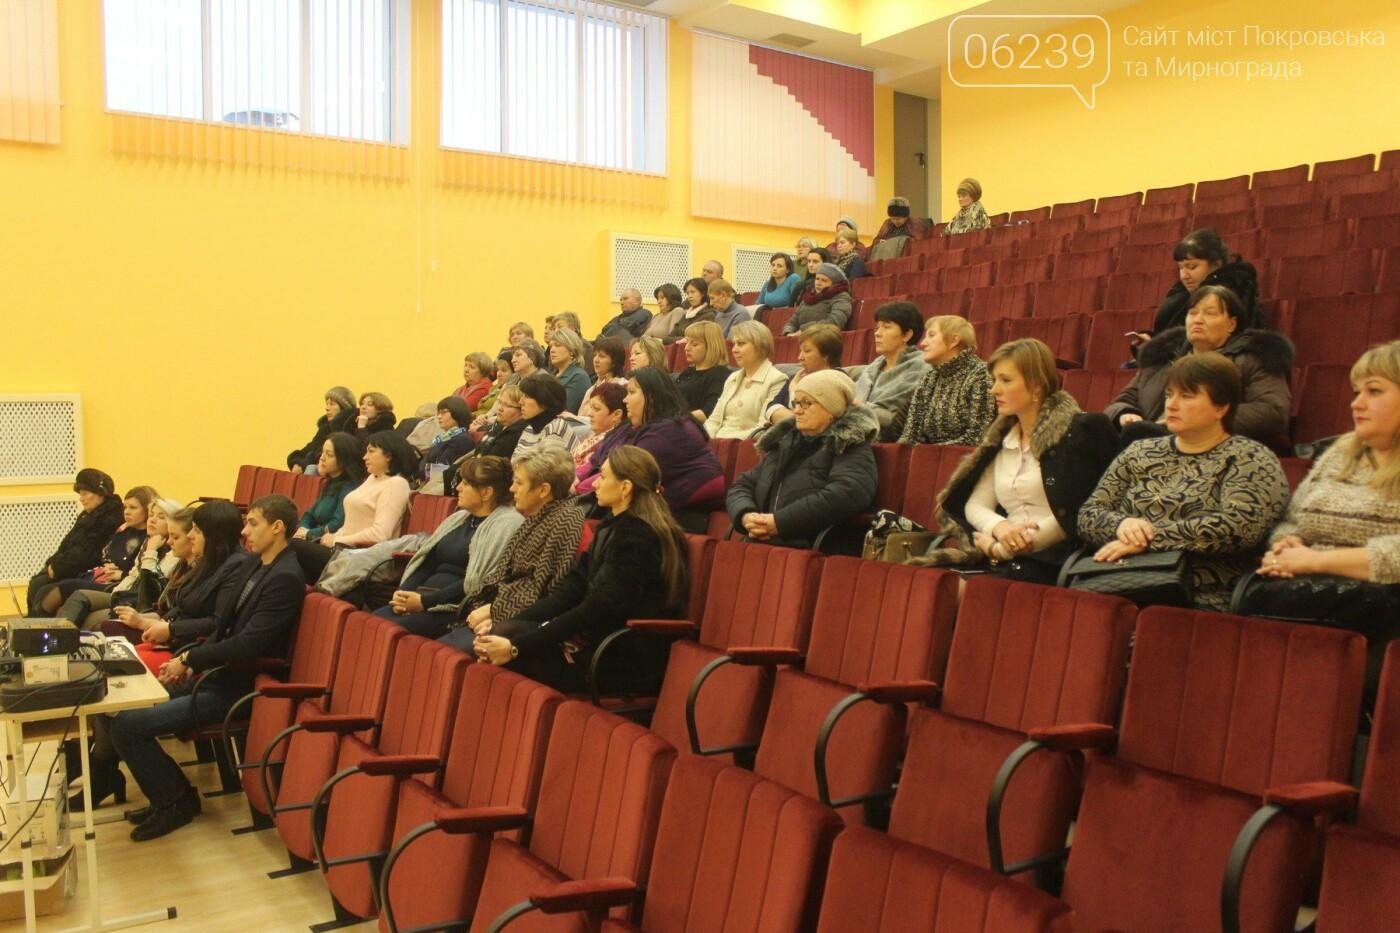 Уже в марте 2019-го в Мирнограде может начаться реконструкция городского парка, осталось определить подрядчика, фото-1